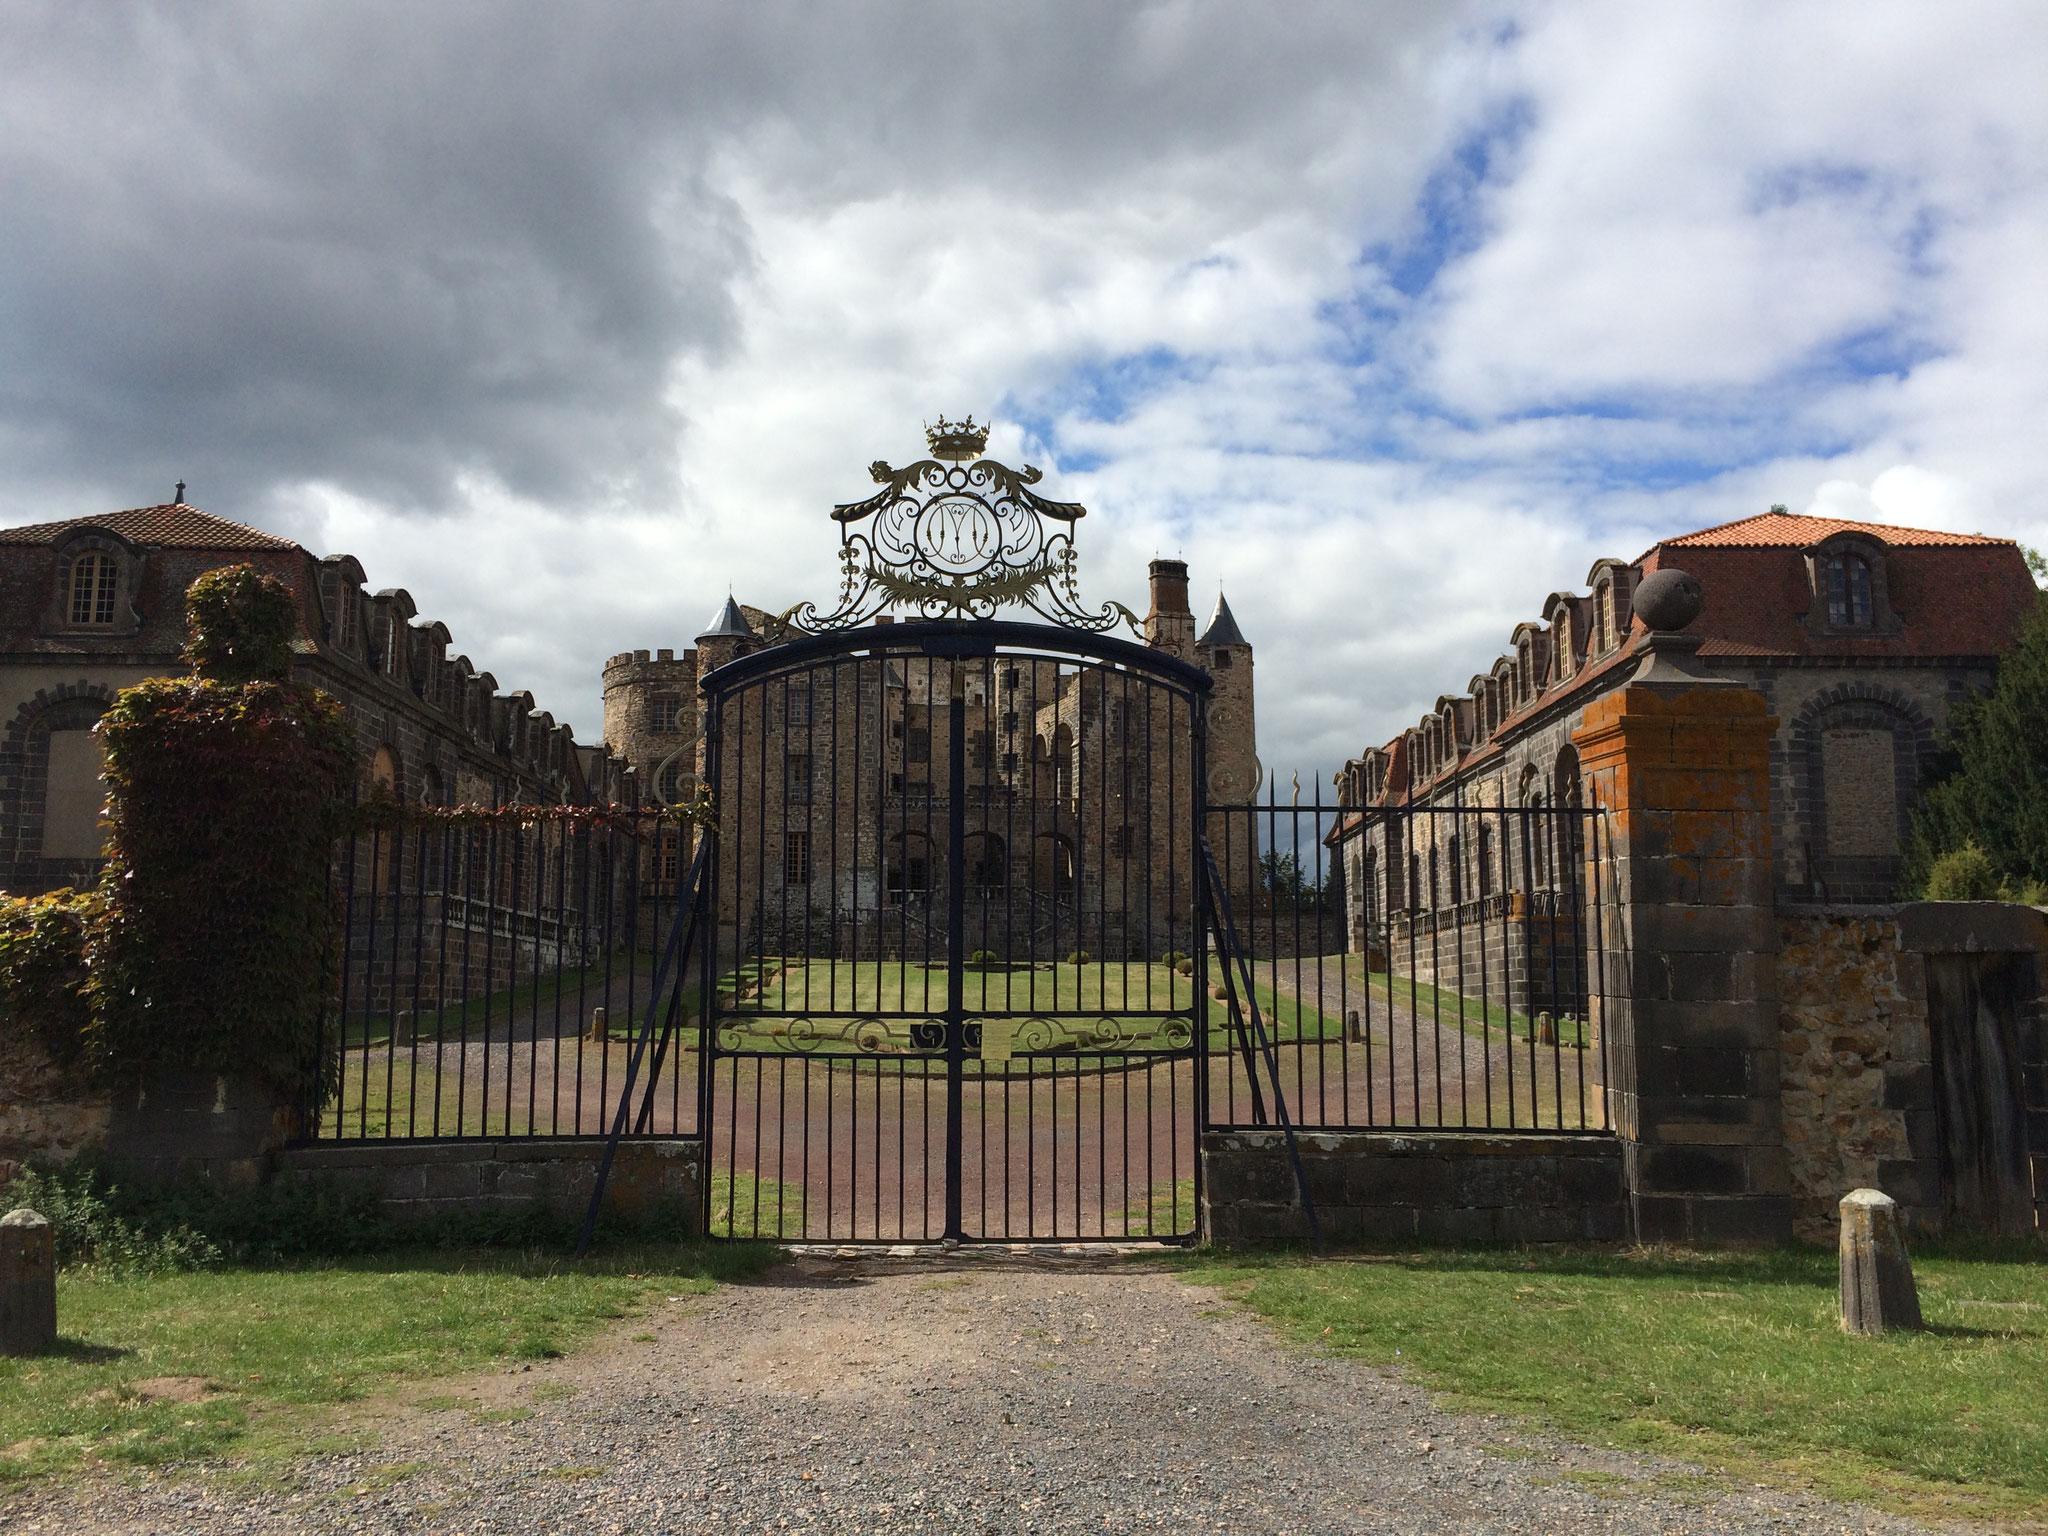 L'entrée du château de chazeron.